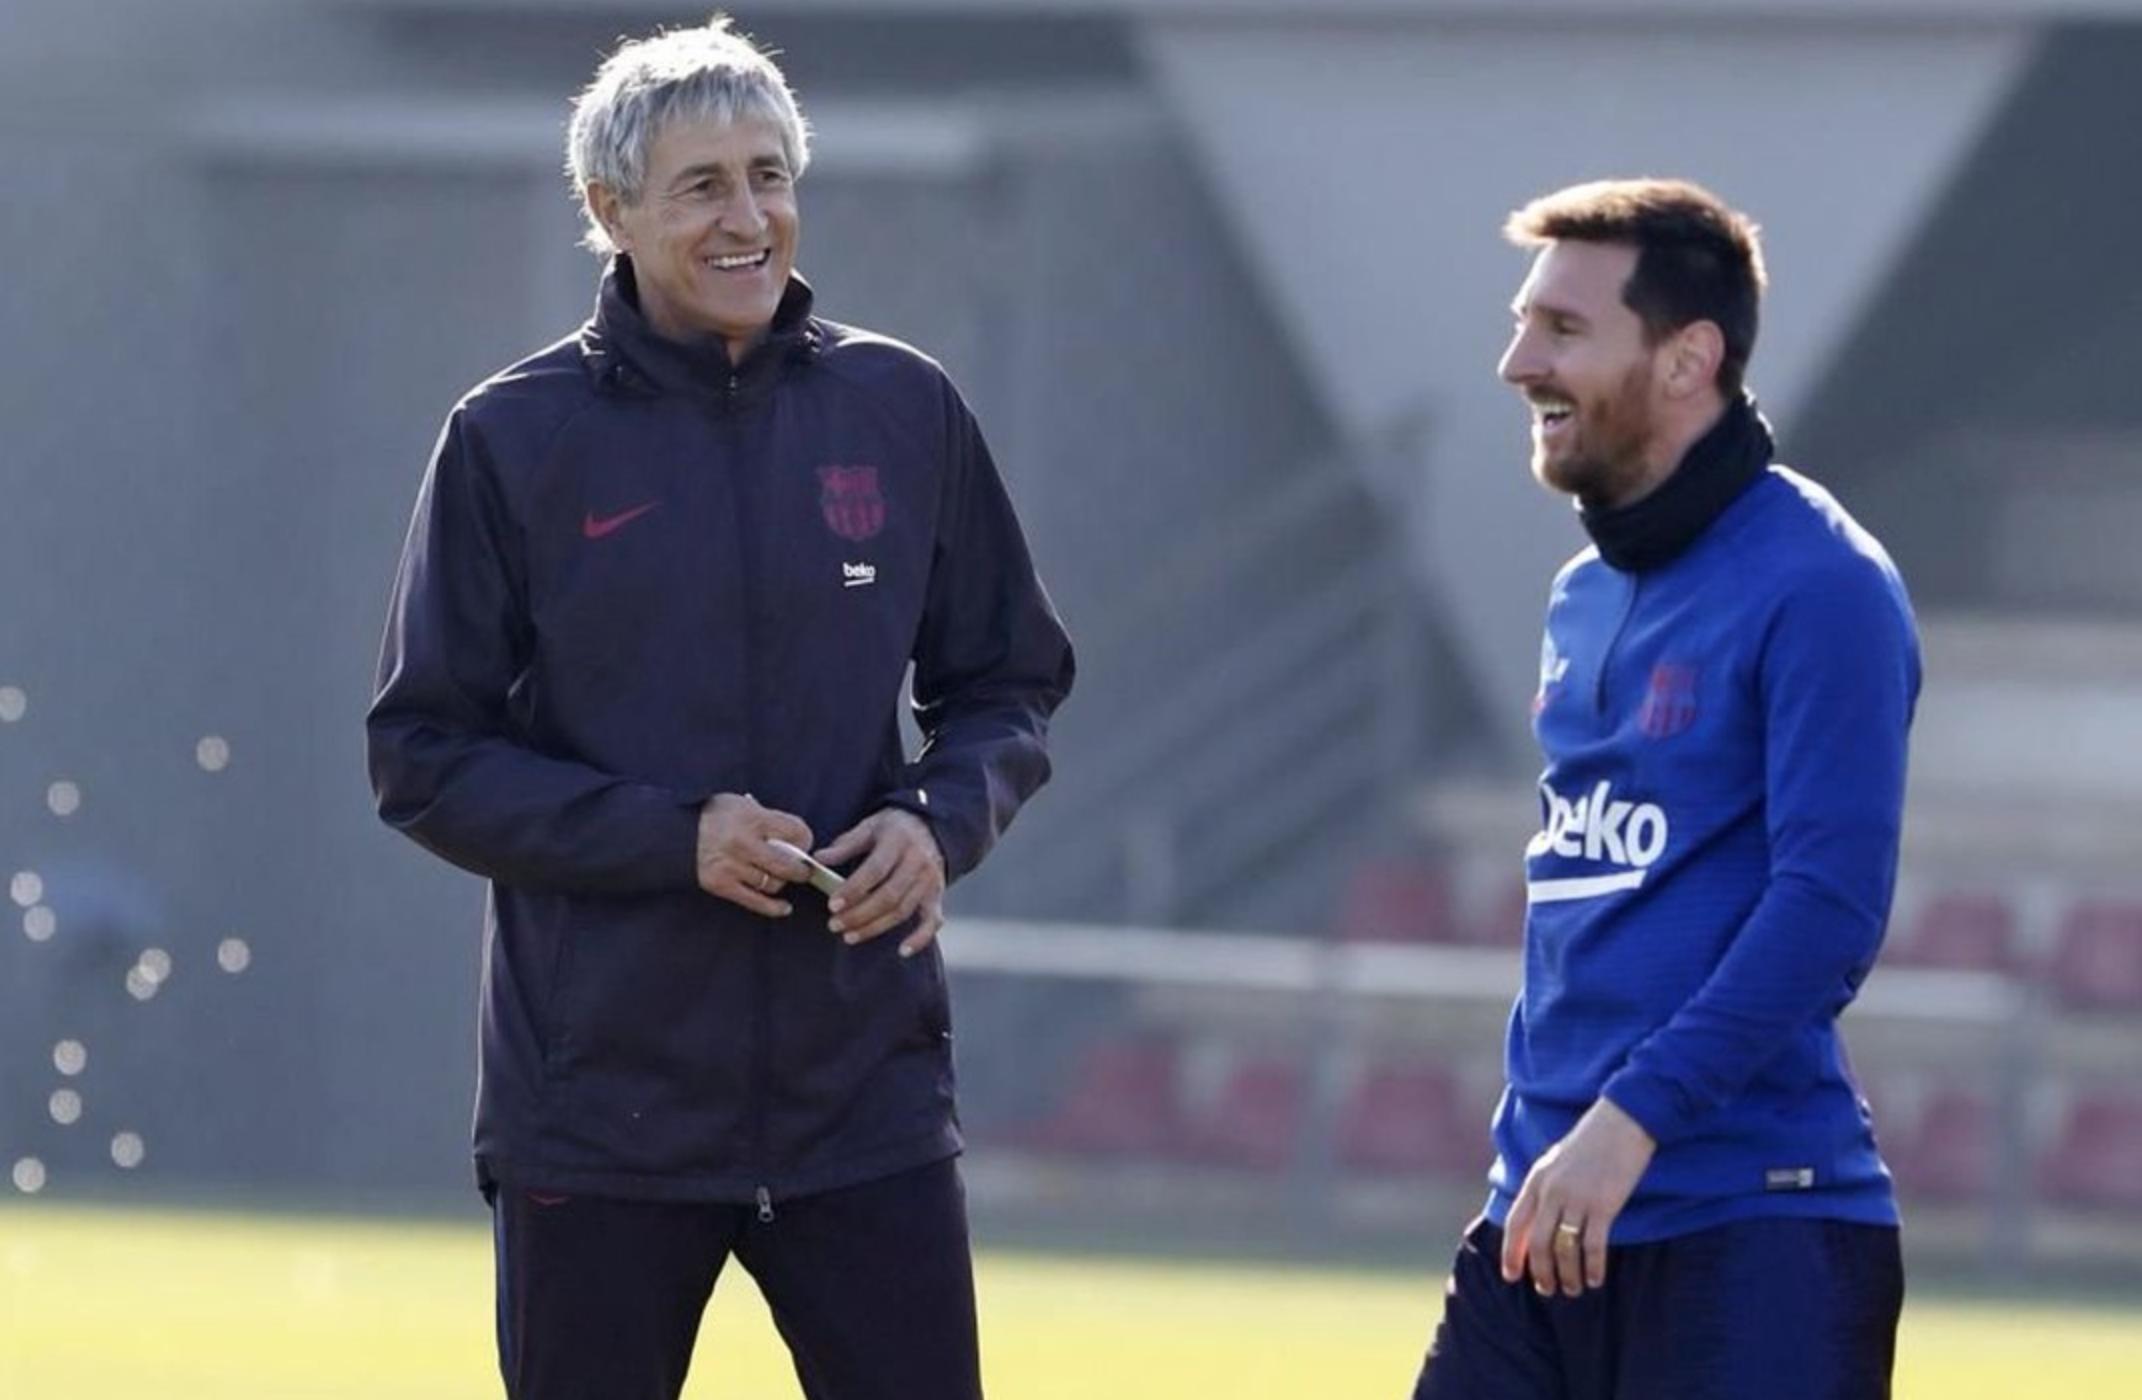 كيكي سيتين: لاعبو برشلونة فاجأوني وكل واحد له نصيب في الرسمية